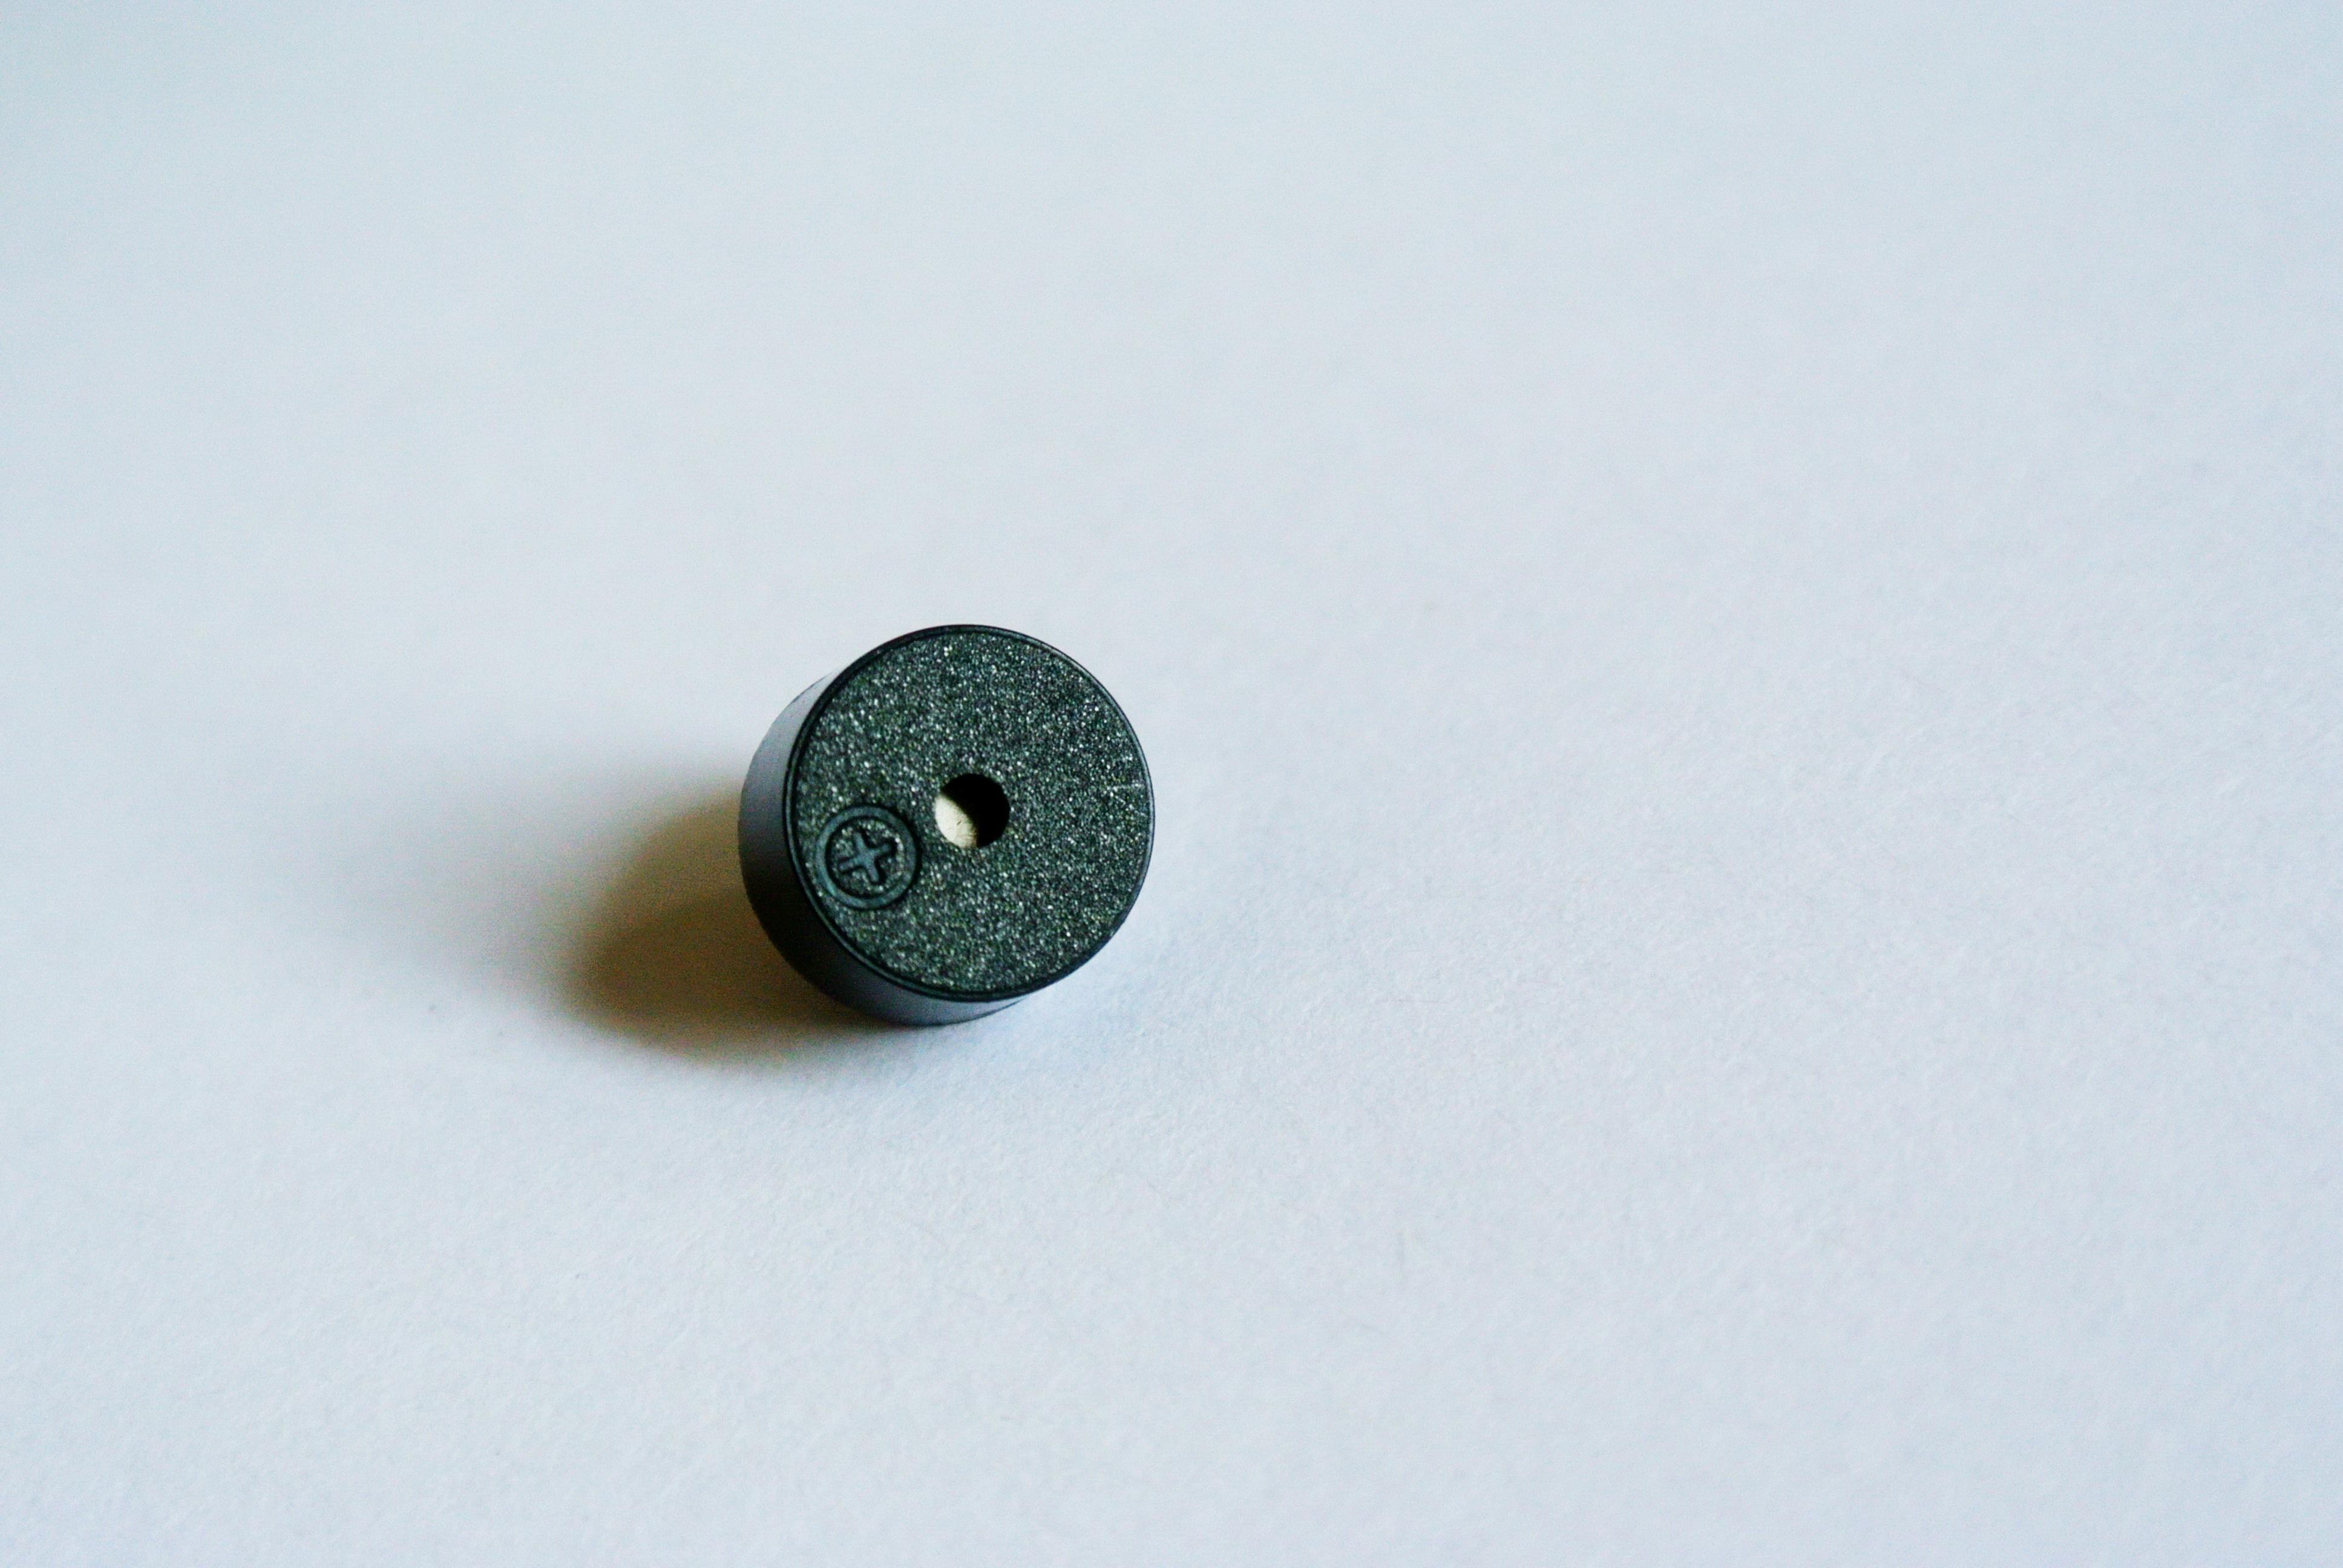 电磁无源蜂鸣器图片|环保材质